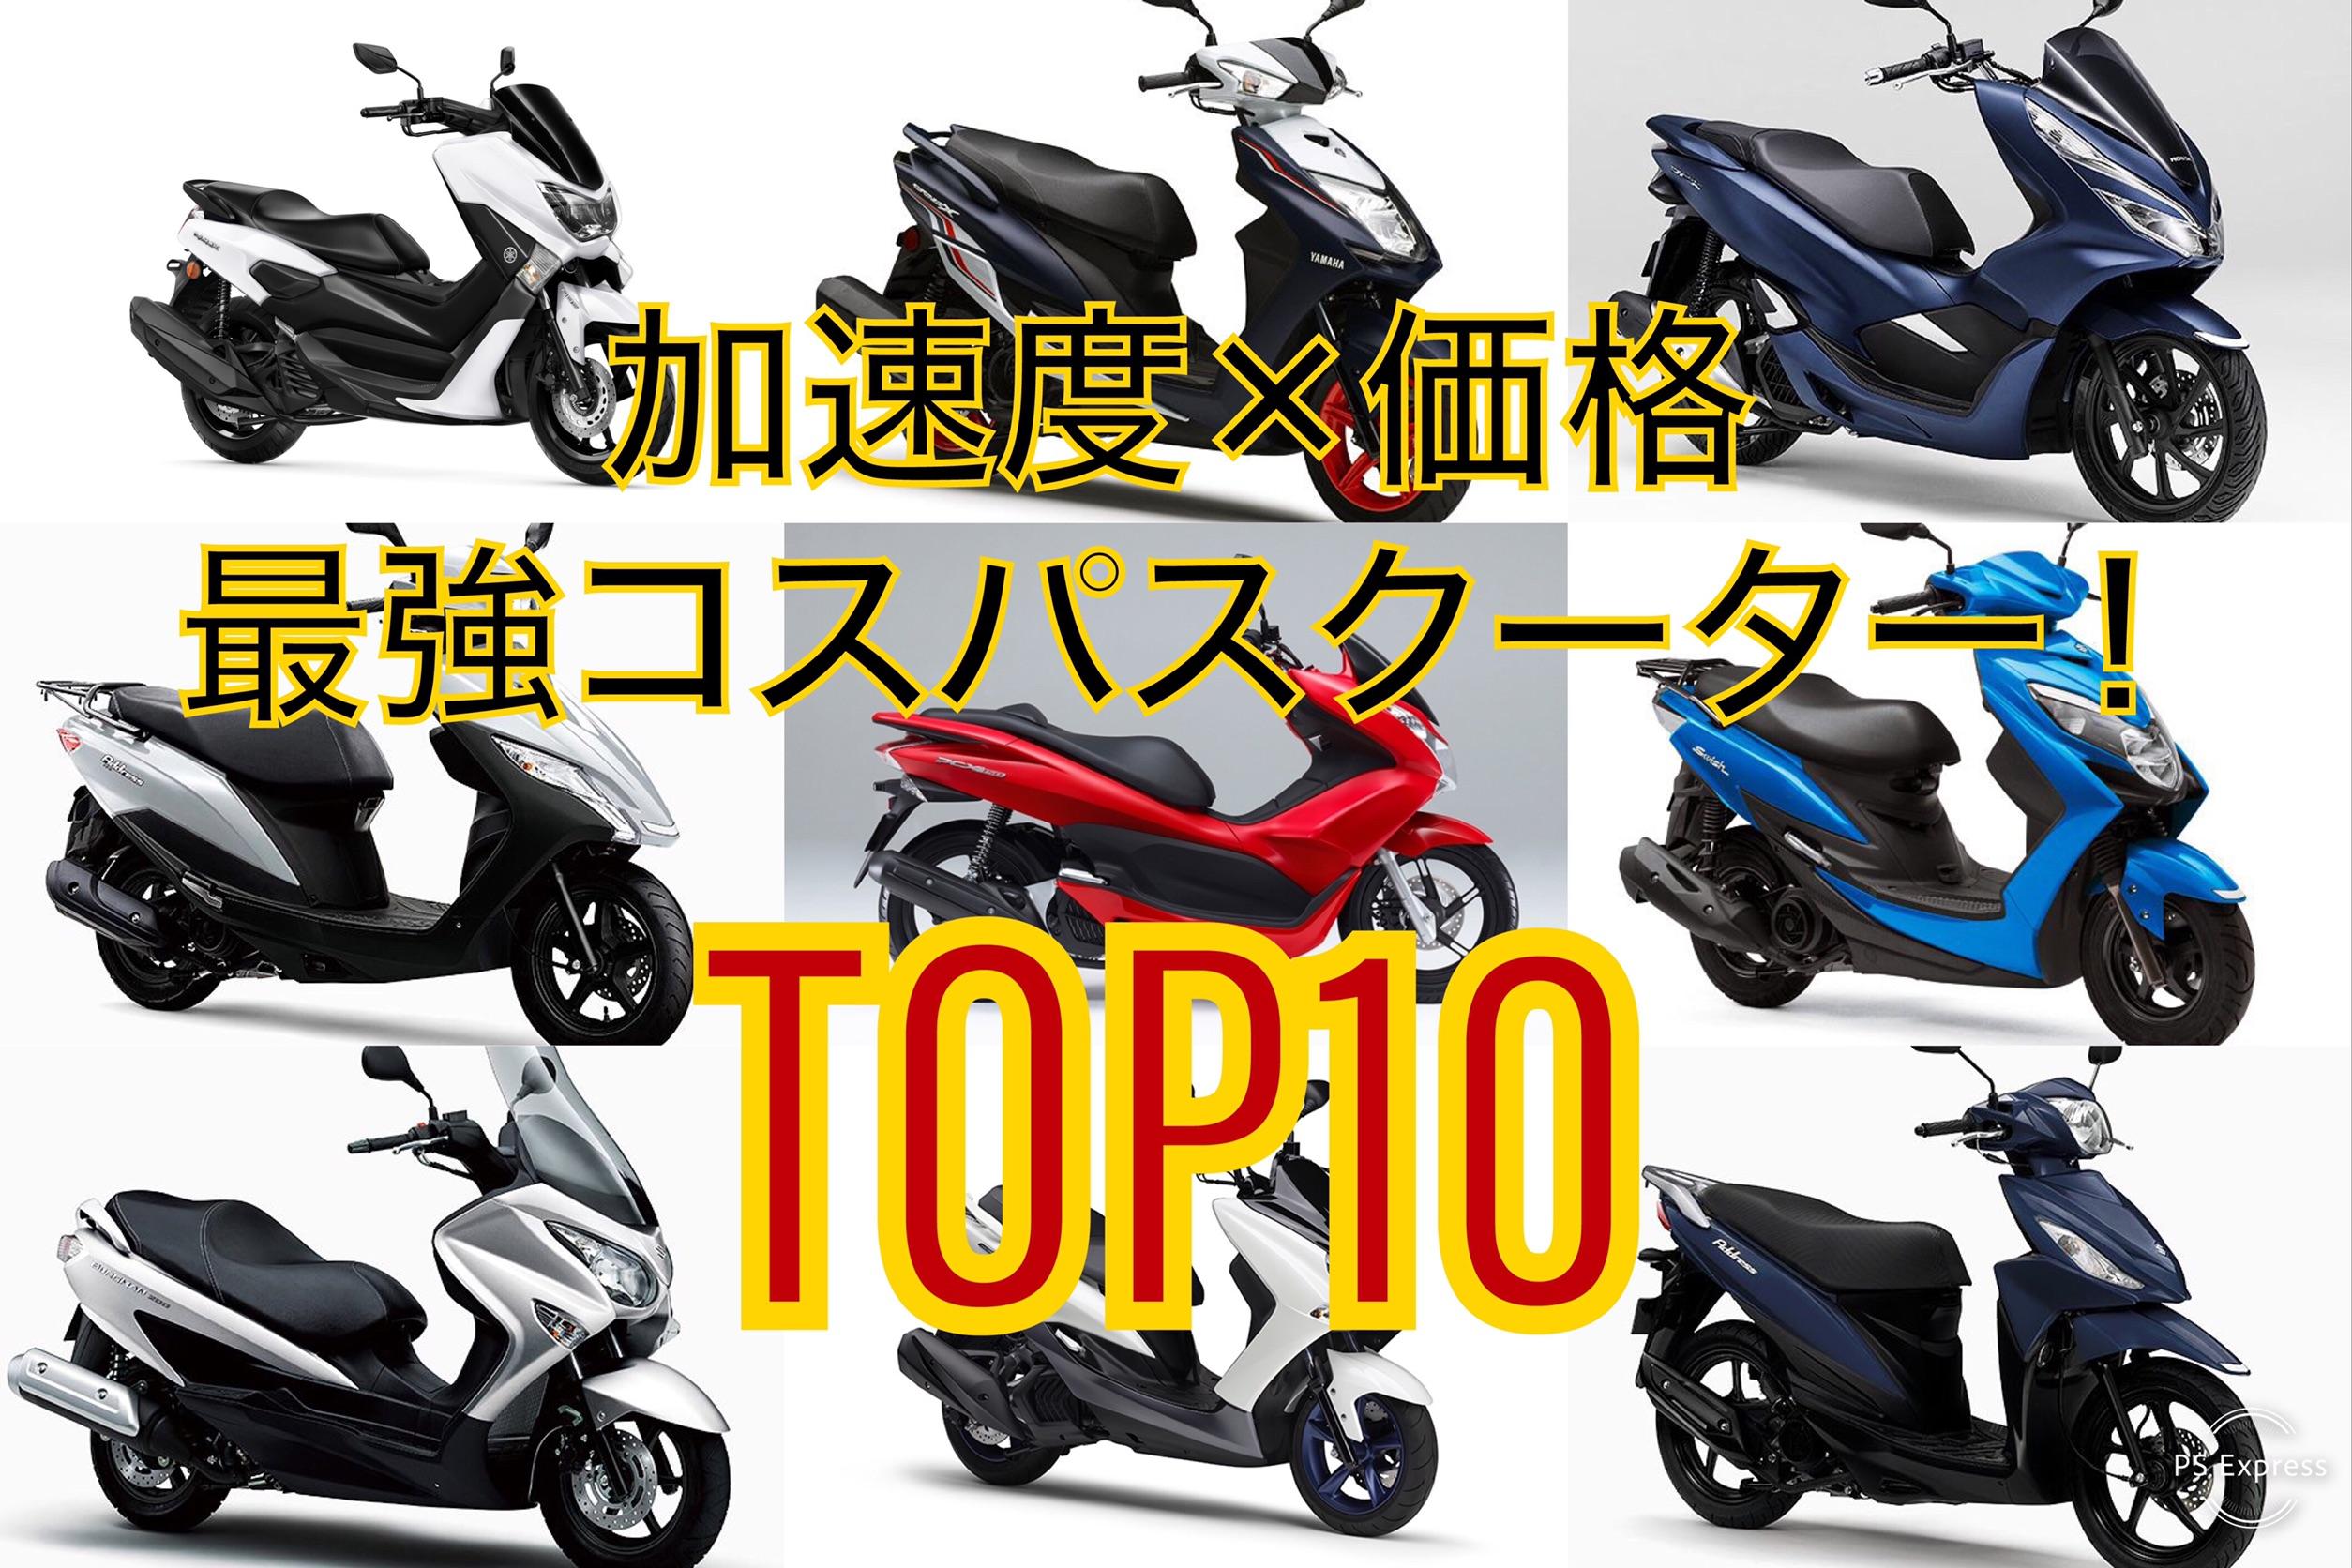 スクーターバイク、125、150、加速、価格